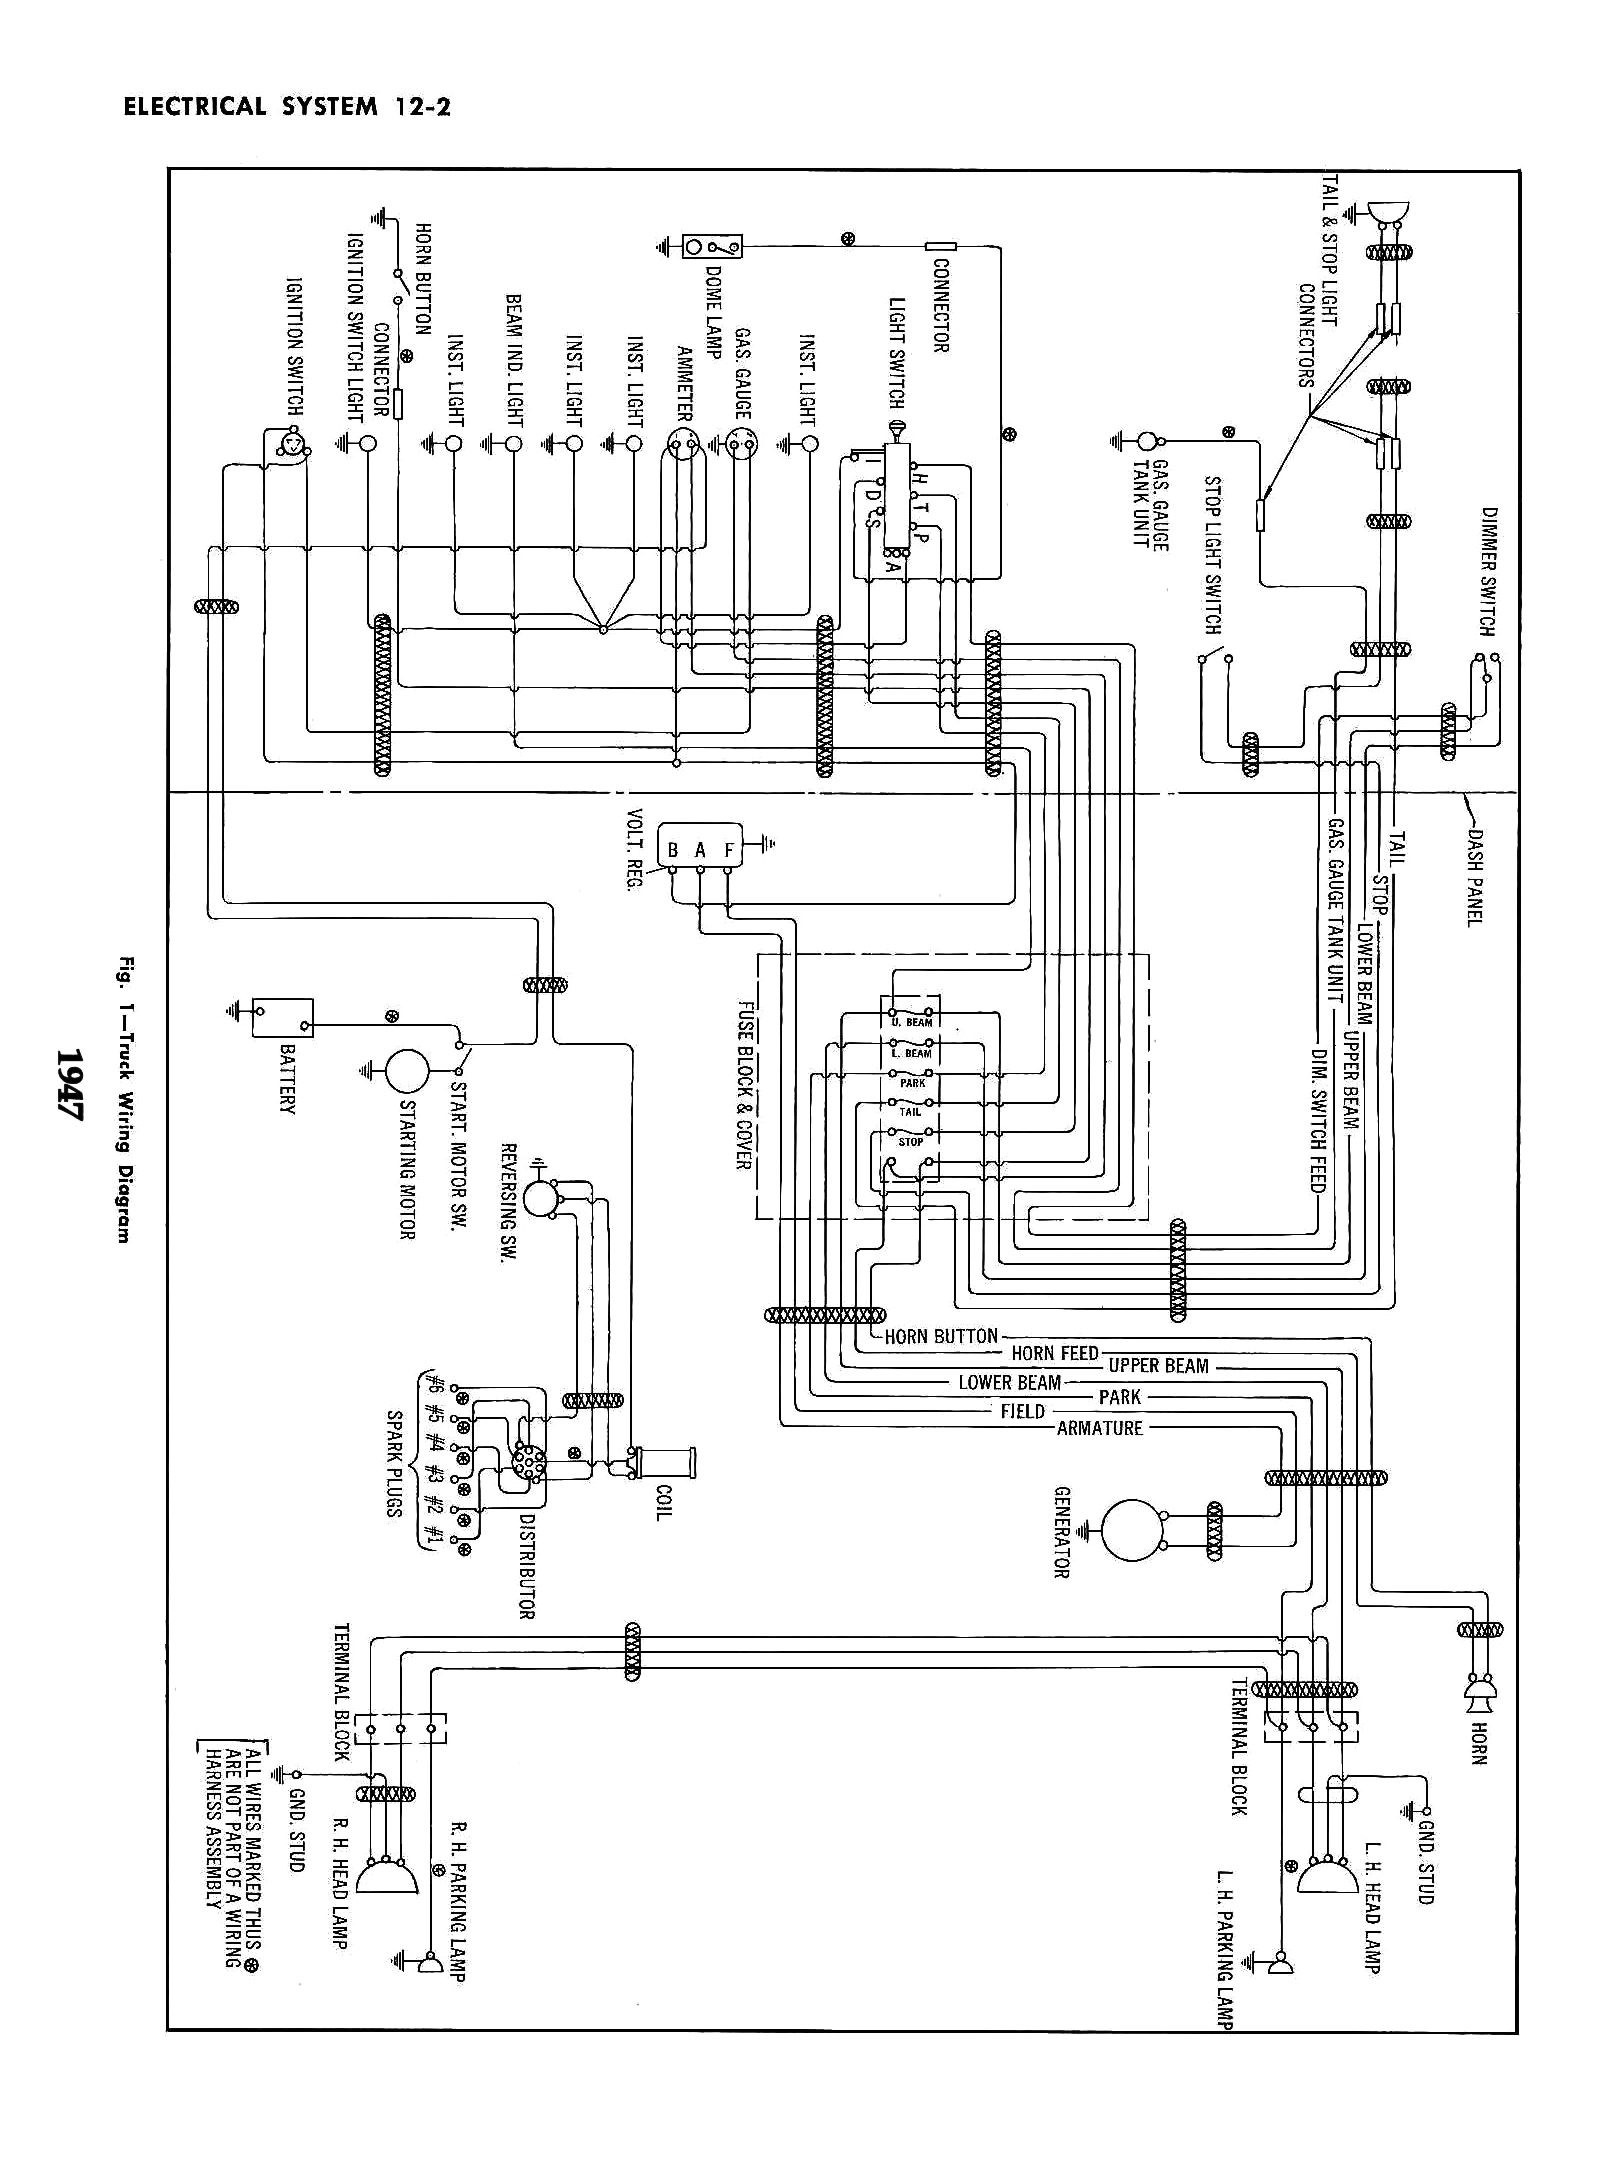 1965 t bird wiring diagram turn signals